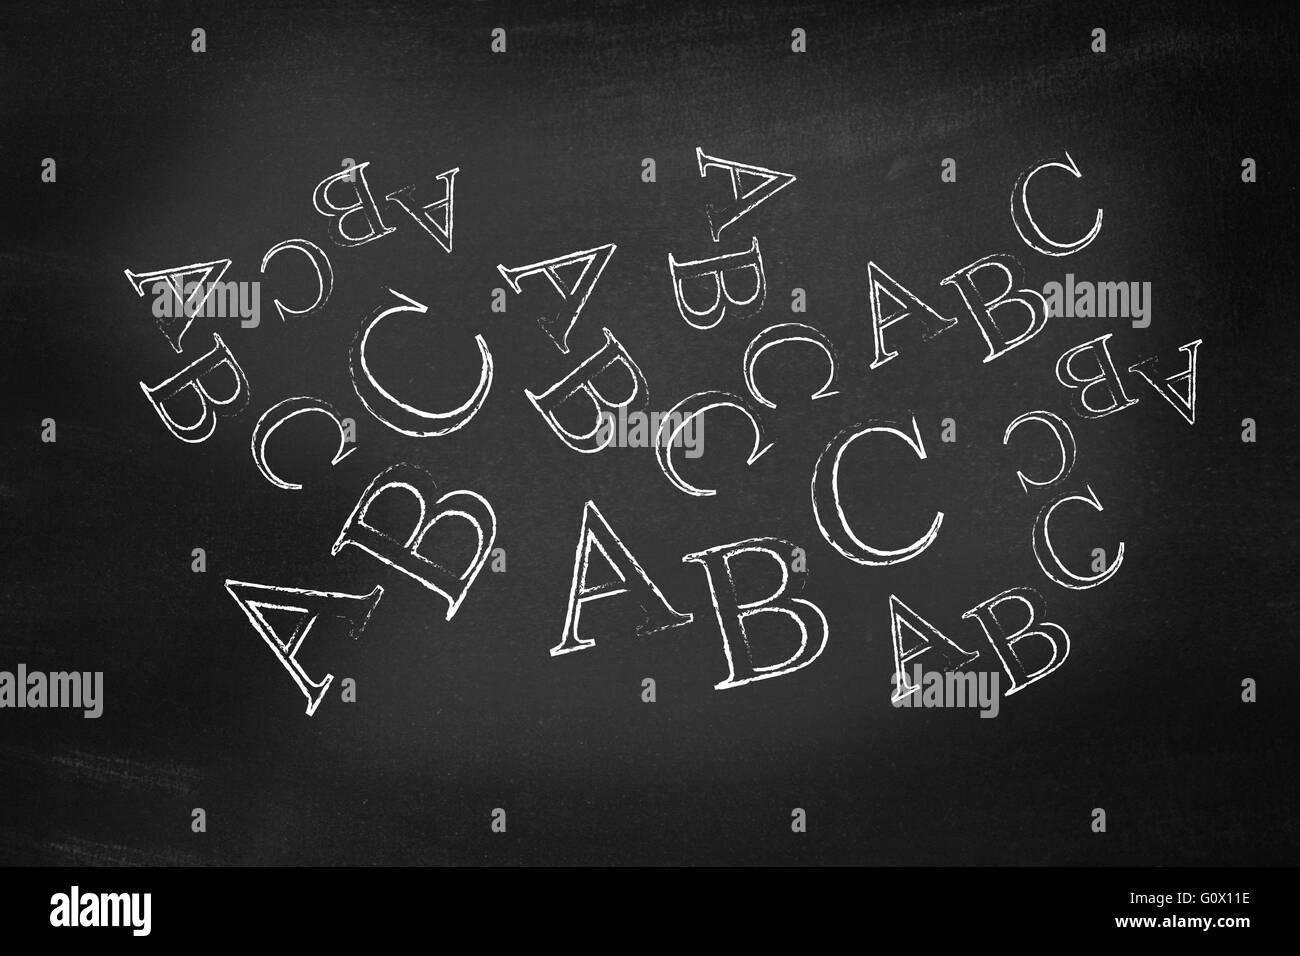 ABC written on a blackboard - Stock Image